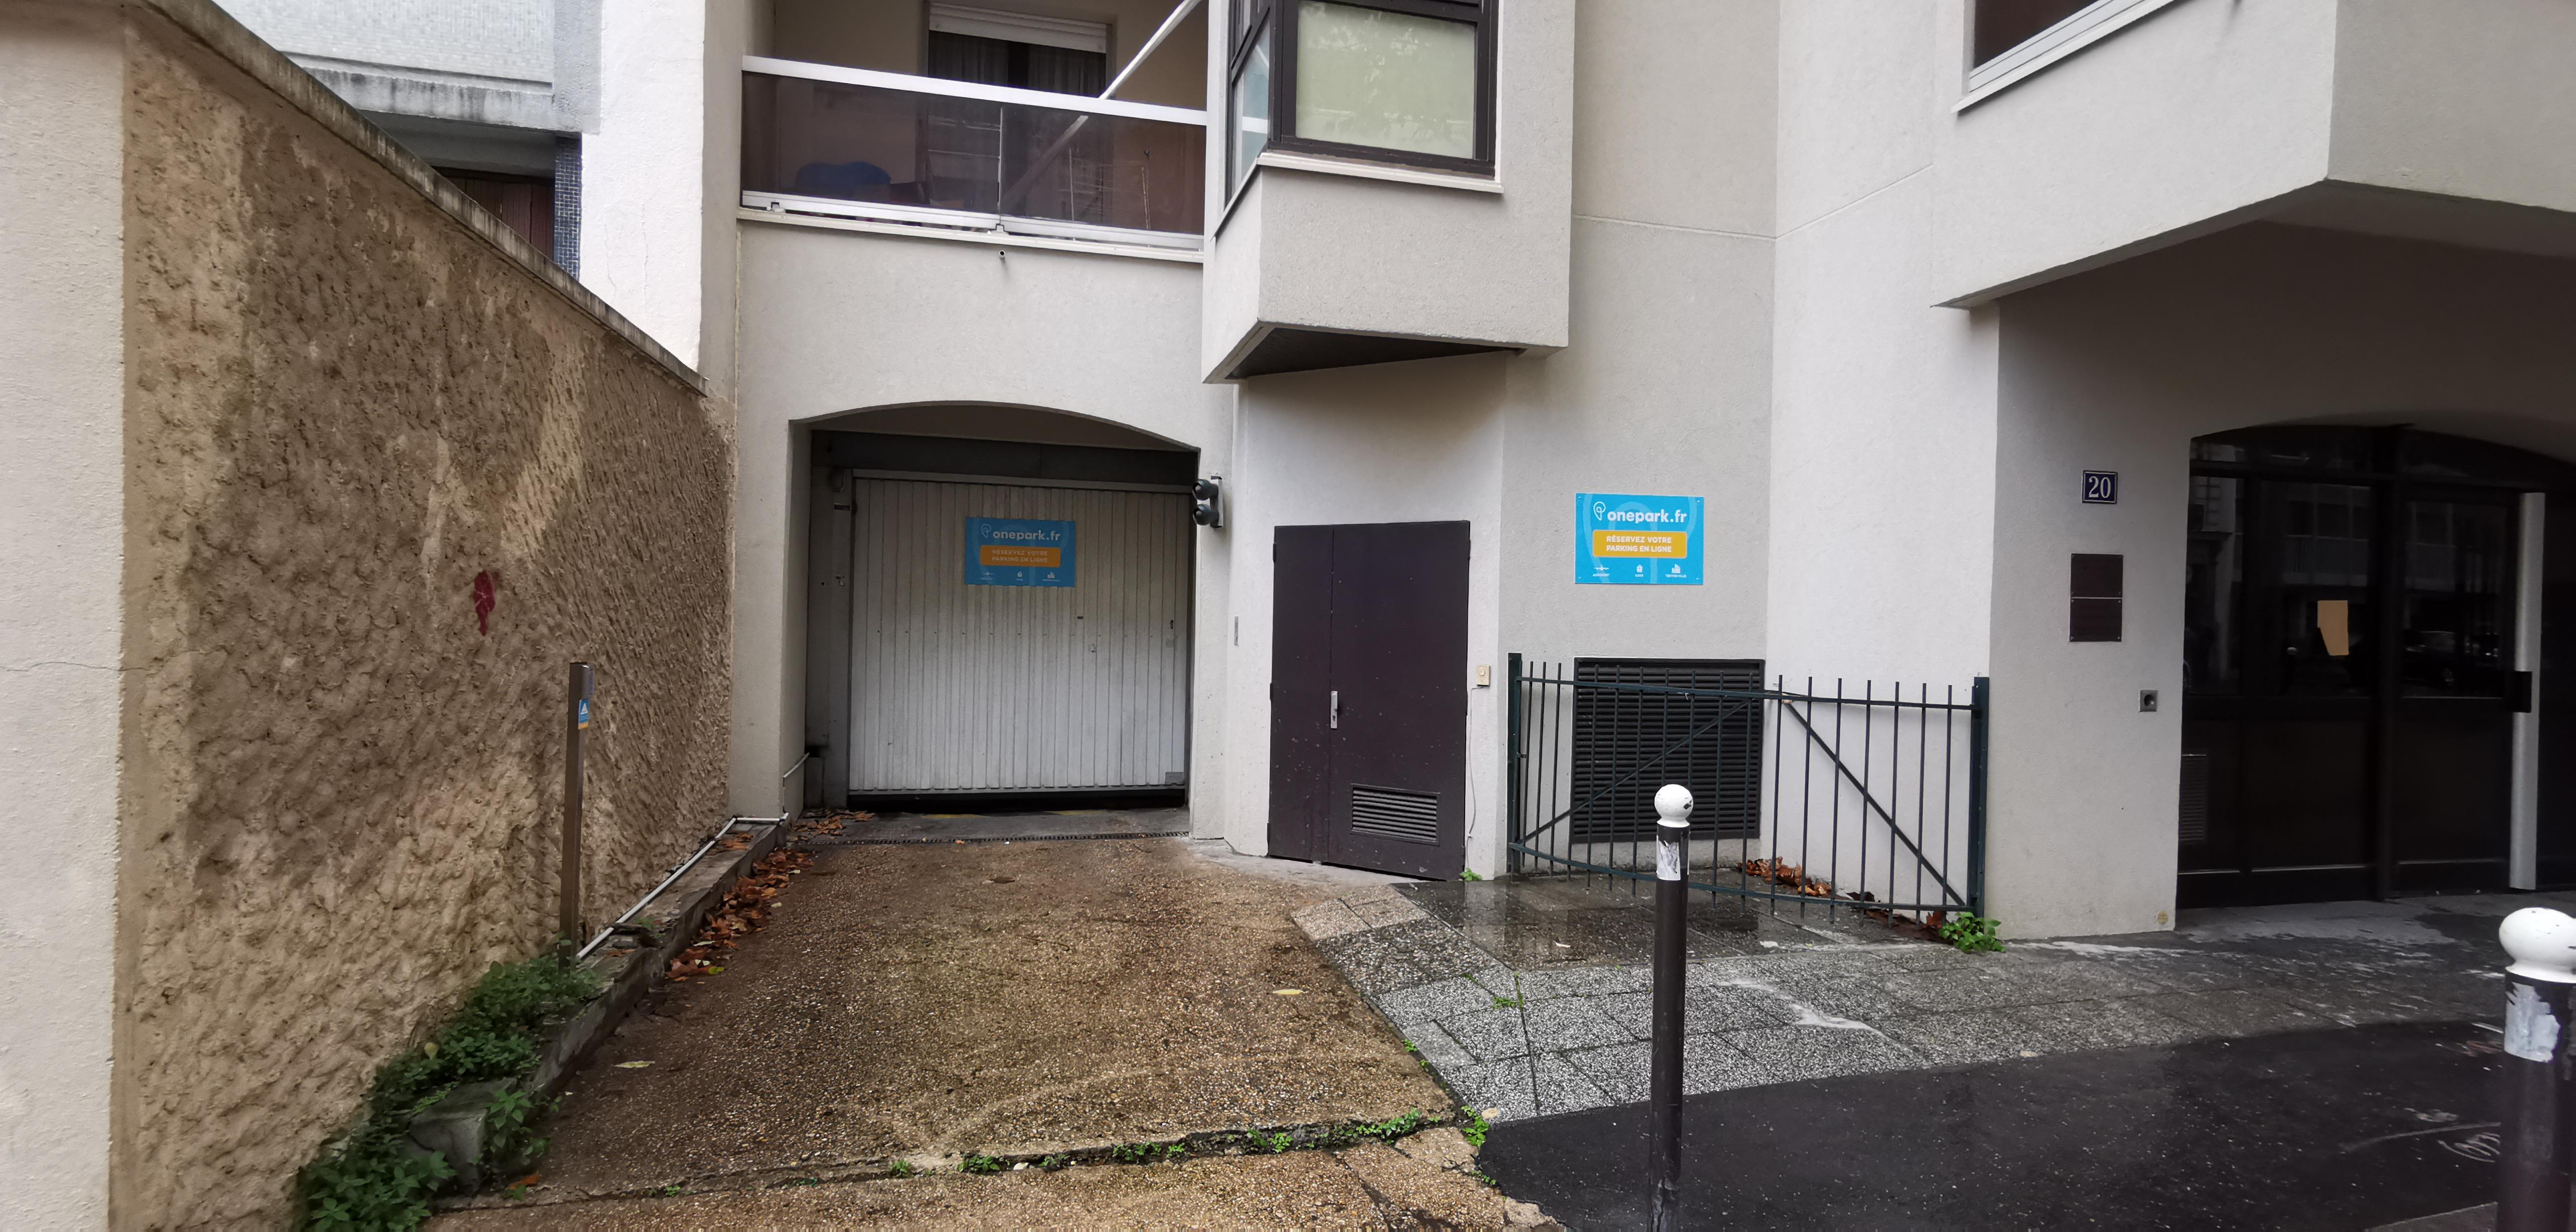 Parking Immeuble 18-20 RUE POLIVEAU (Couvert) - Parking public - Paris